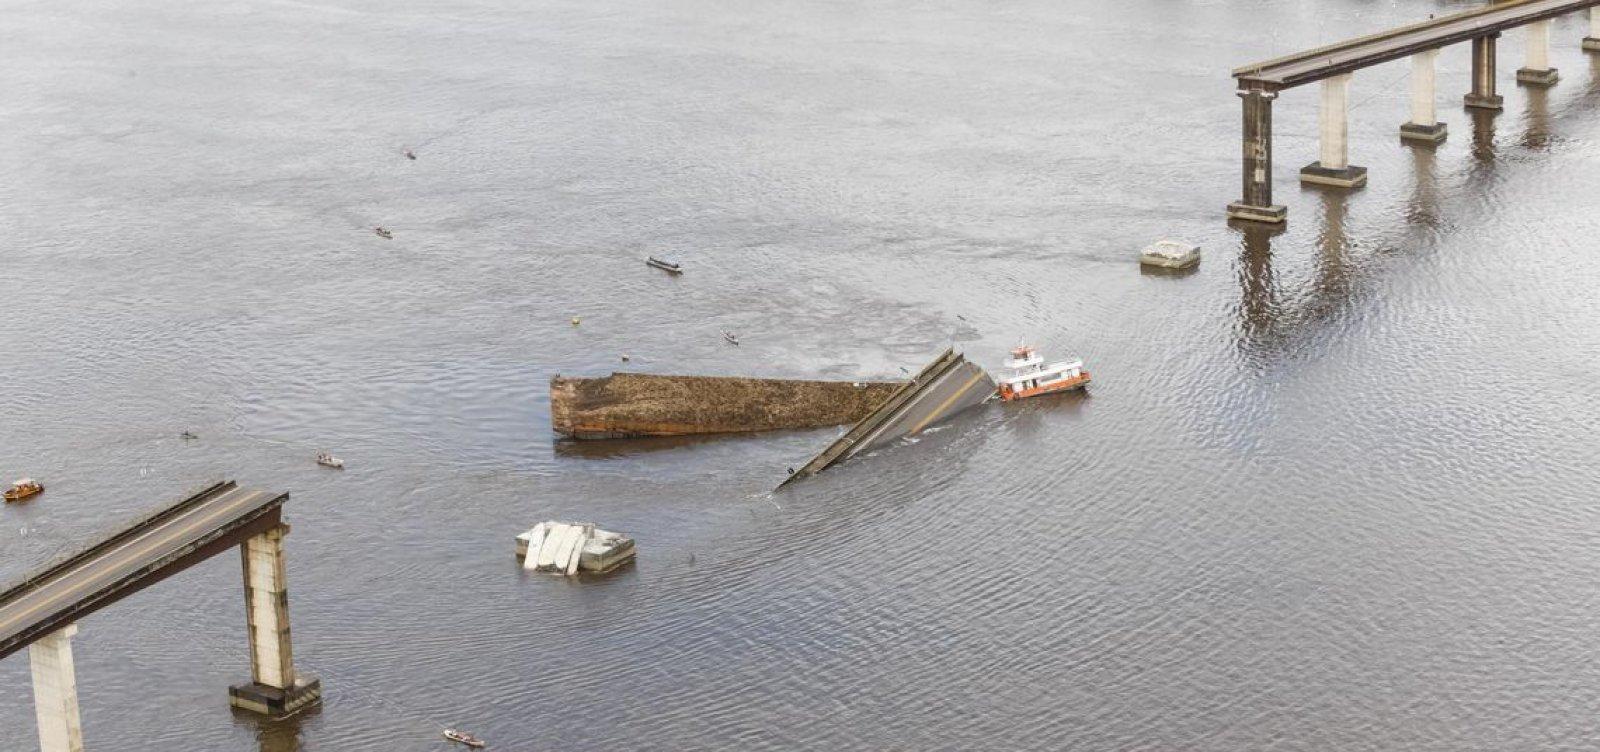 Dois veículos caem em rio após balsa bater e causar desabamento de ponte no Pará